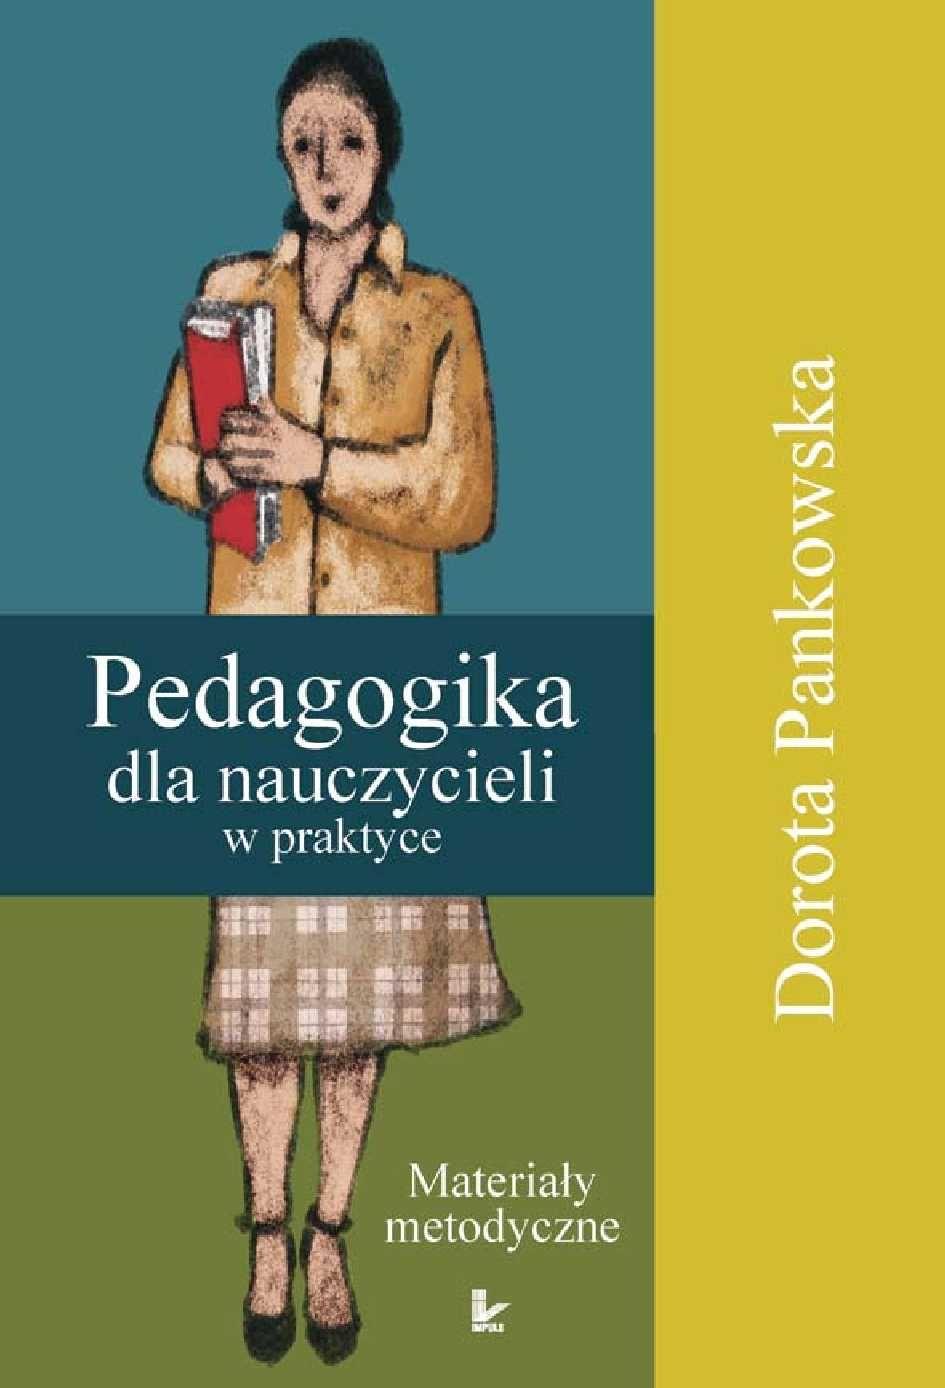 Pedagogika dla nauczycieli w praktyce - Ebook (Książka PDF) do pobrania w formacie PDF